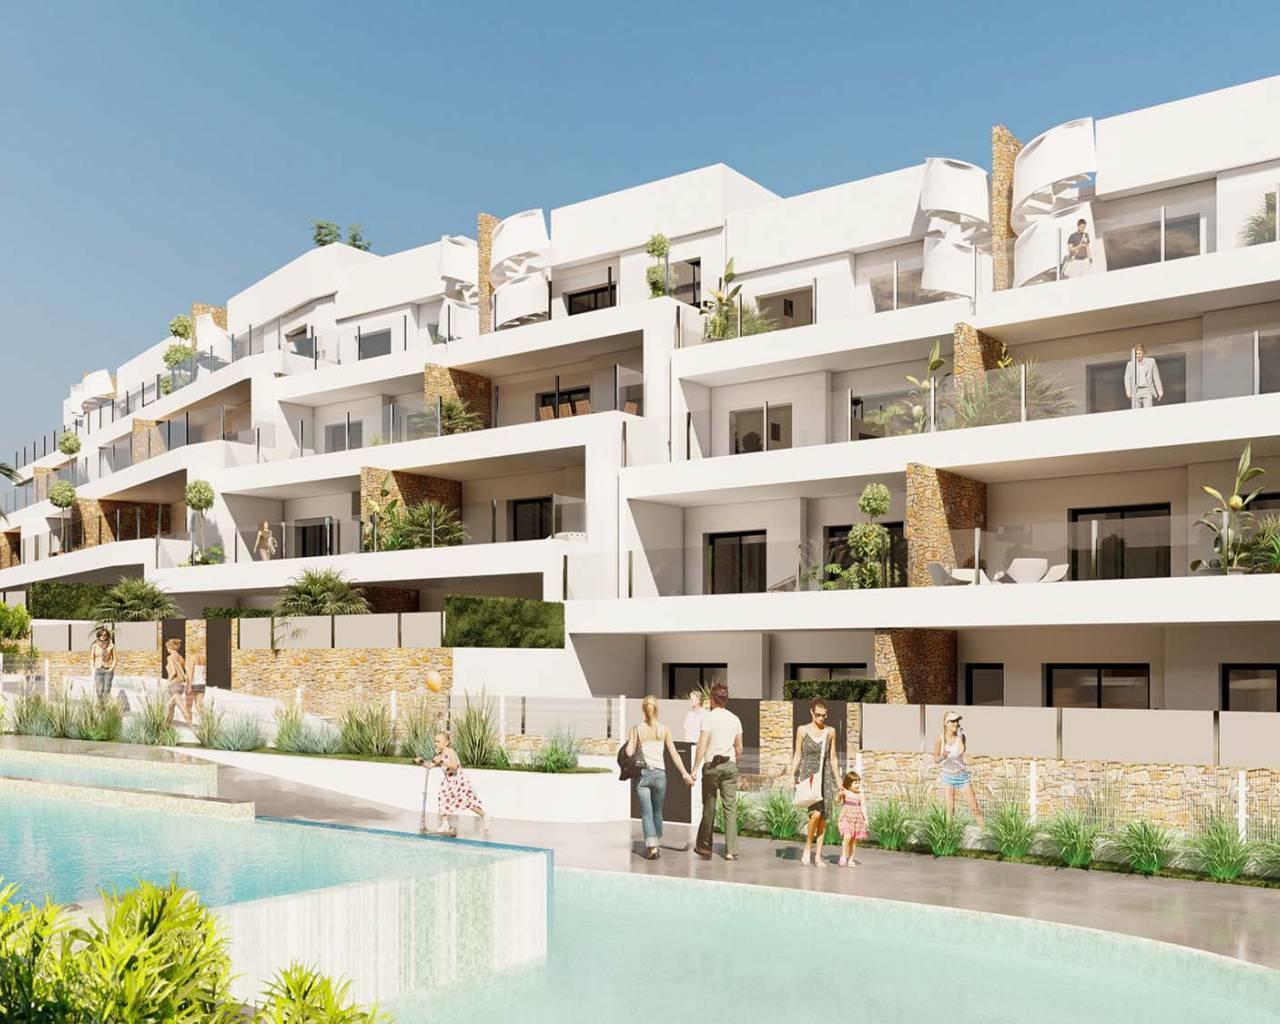 Appartementen bij zwembad